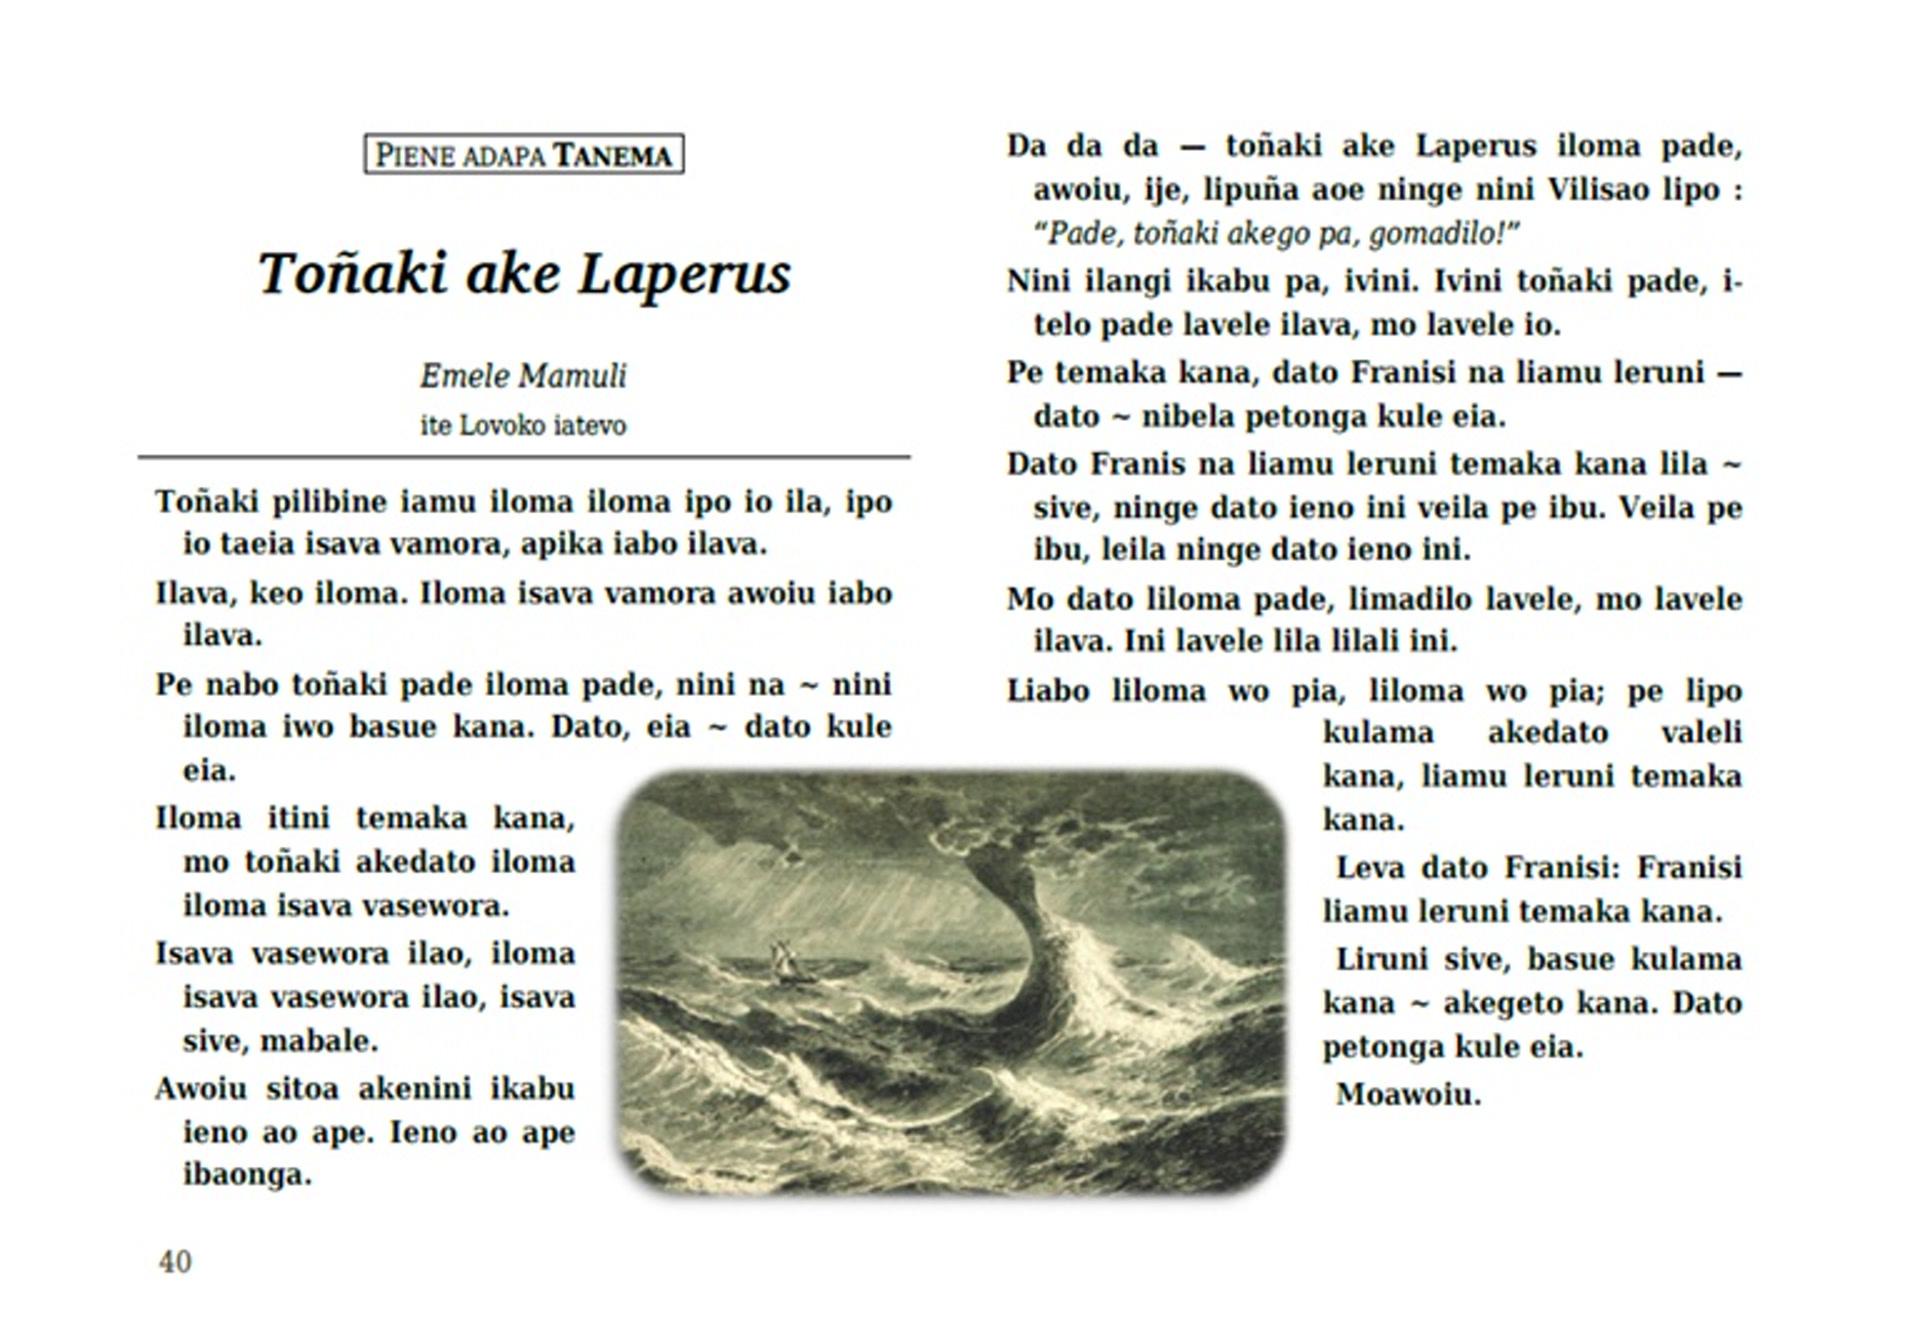 La légende de Lapérouse en langue tanema, racontée par Emele Mamuli. Extrait d'un recueil de récits publié par A. François à destination de la communauté de Vanikoro.